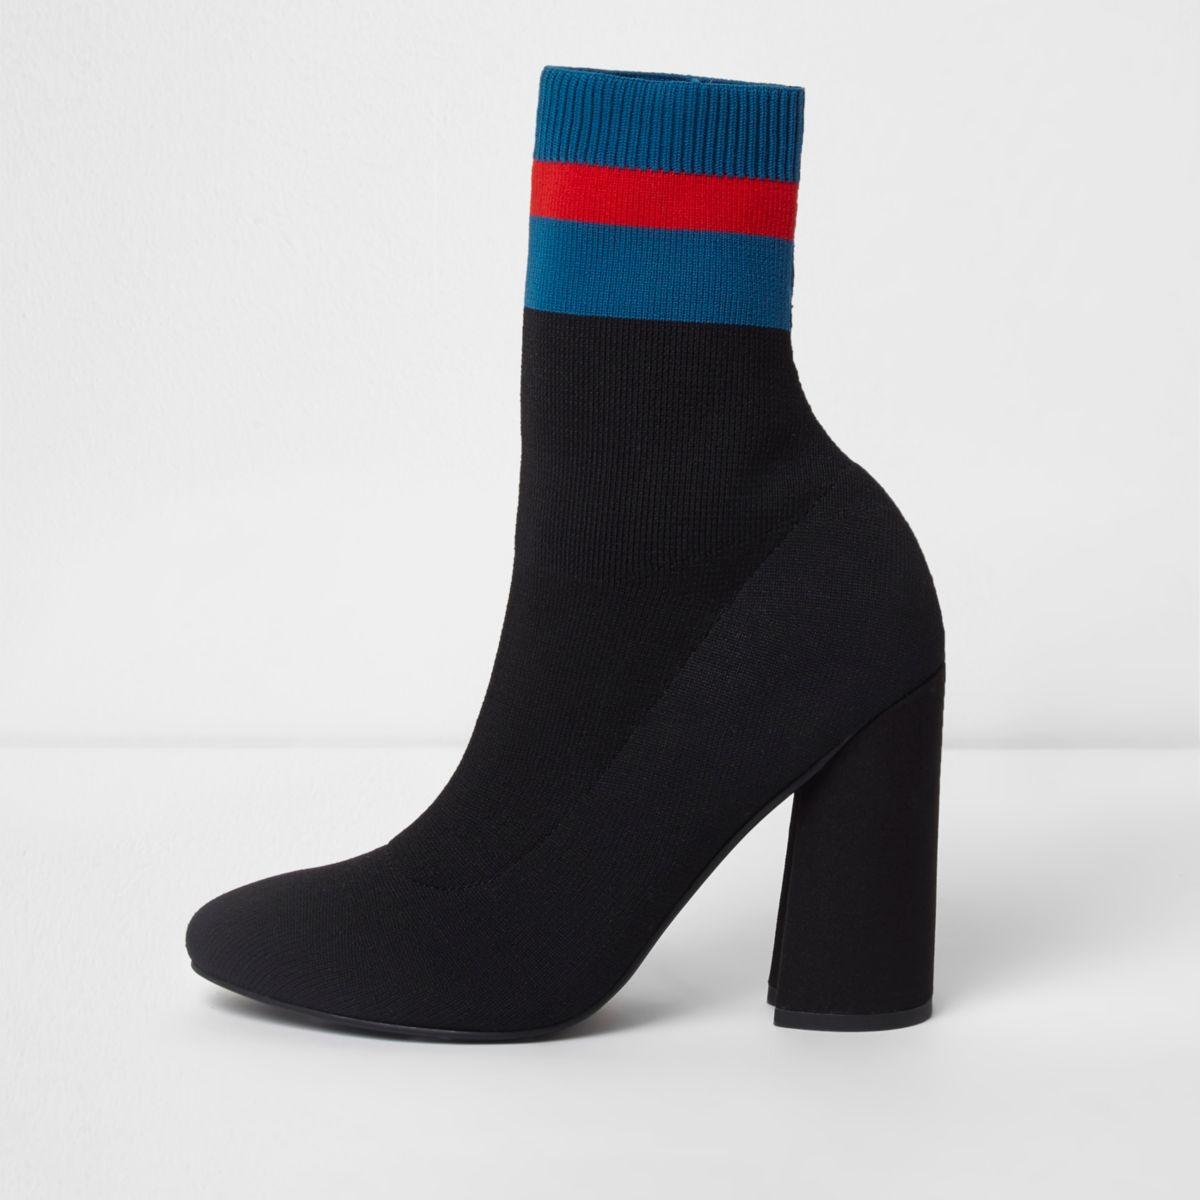 Schwarze, gestrickte Stiefel mit Blockstreifen